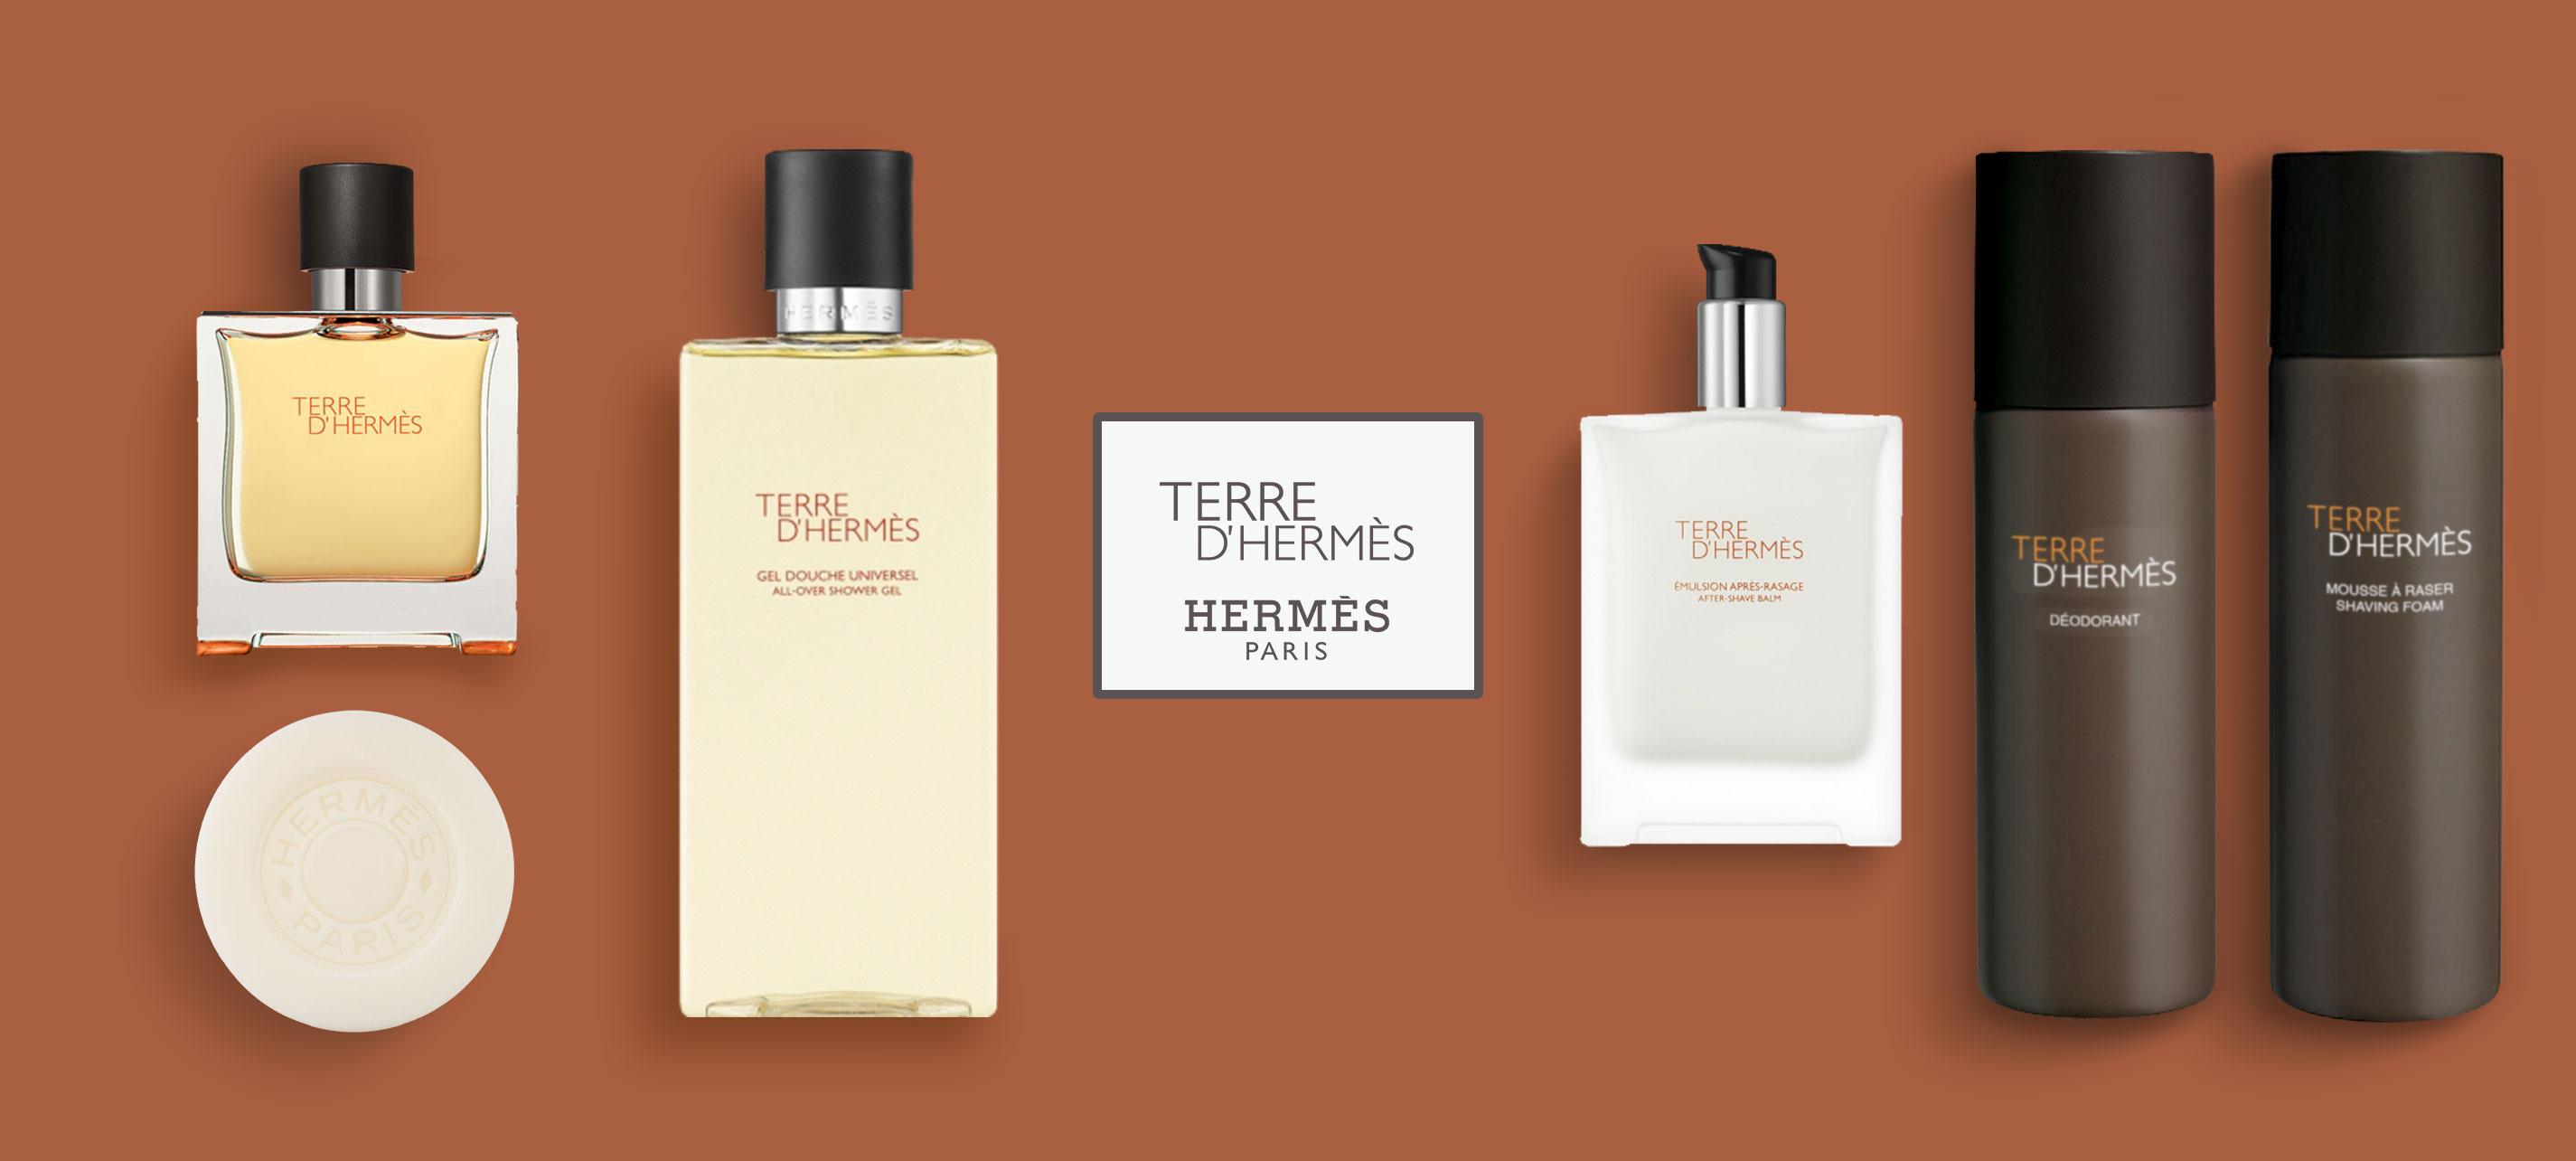 Hermès - Terre d'Hermès - Collection